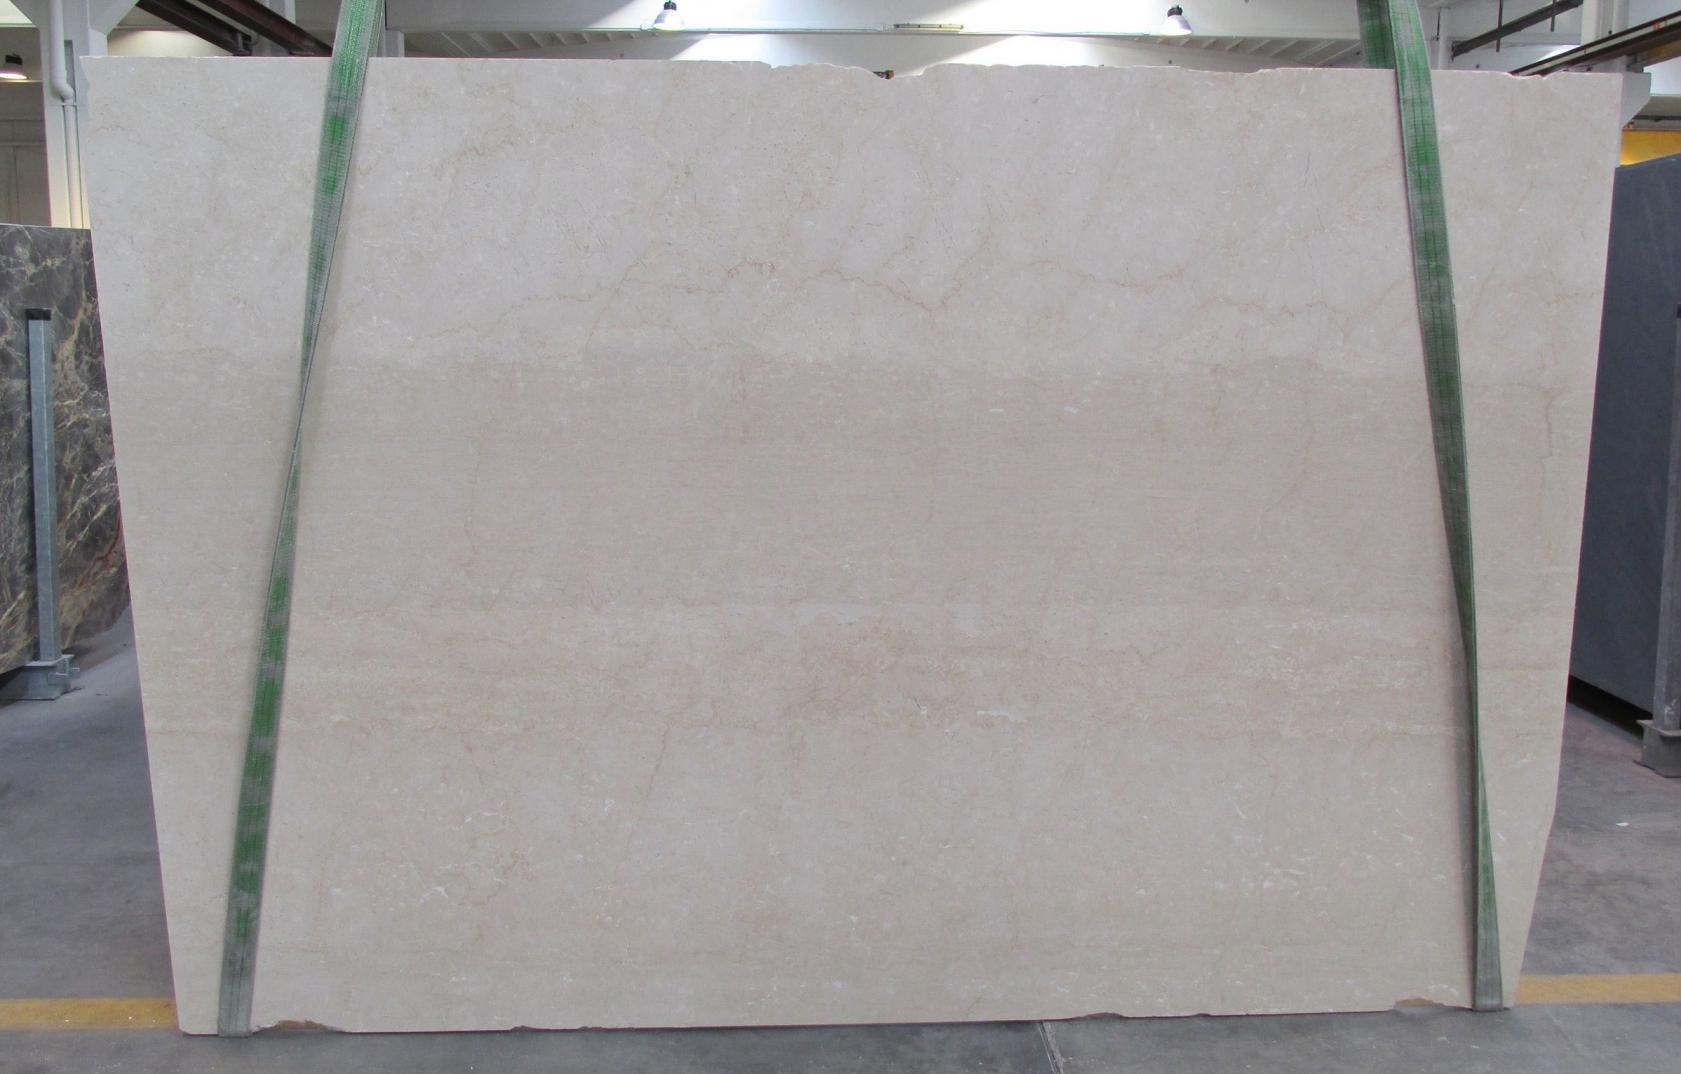 BOTTICINO SEMICLASSICO Fornitura Veneto (Italia) di lastre grezze lucide in marmo naturale 1278M , Bundle #1